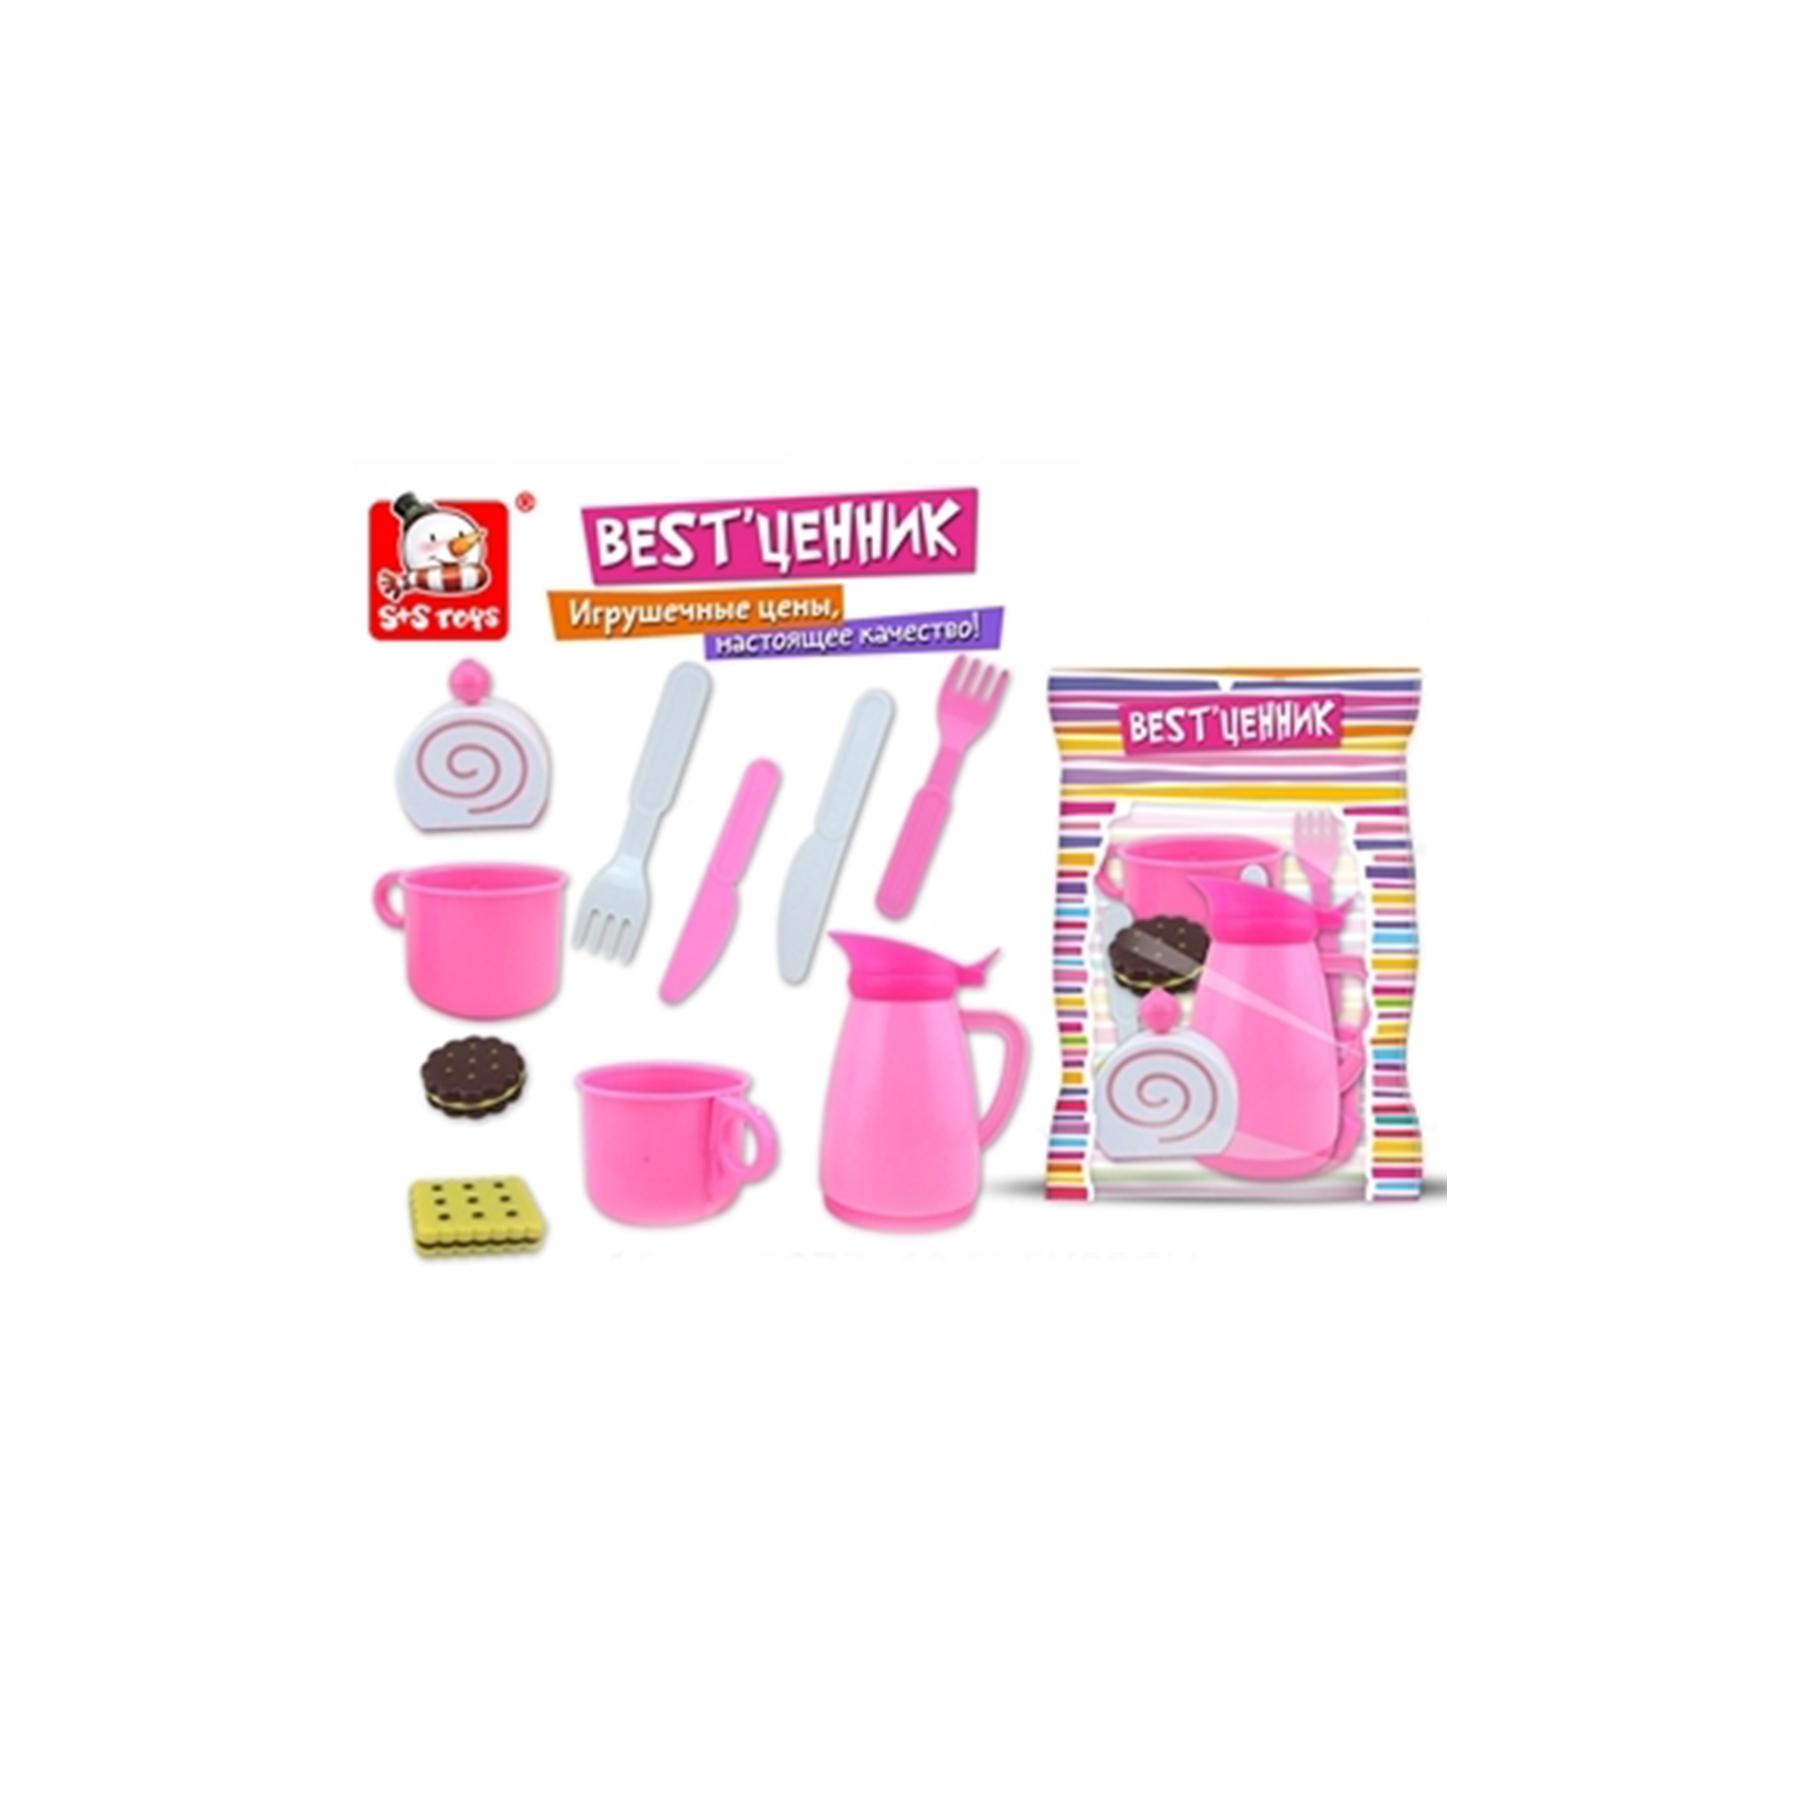 Набор посудки,чайник +столовые приборы 18,5*5*25см 100799077 (50698)